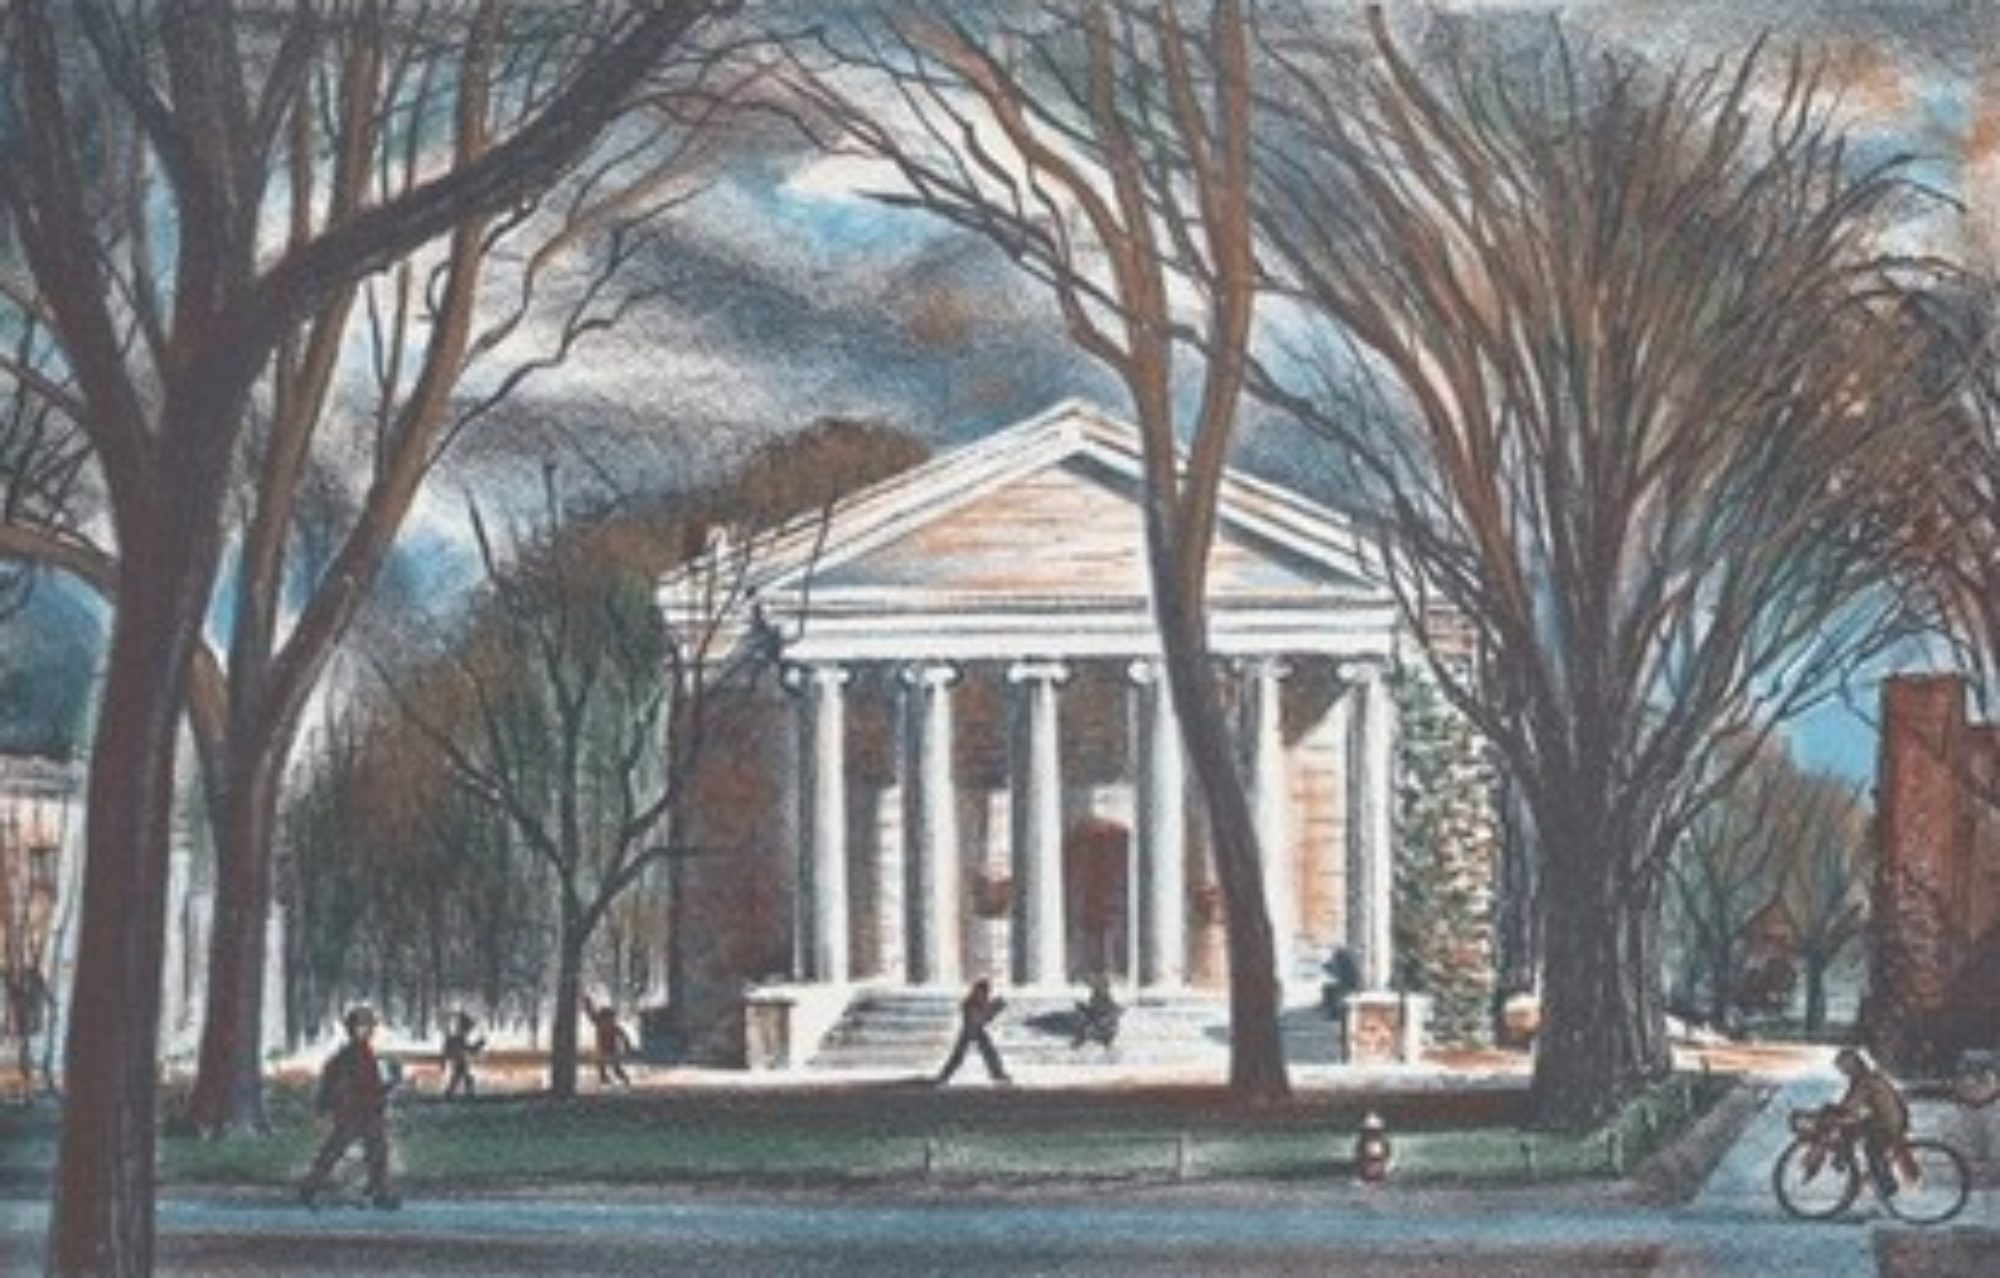 Princeton University College Republicans